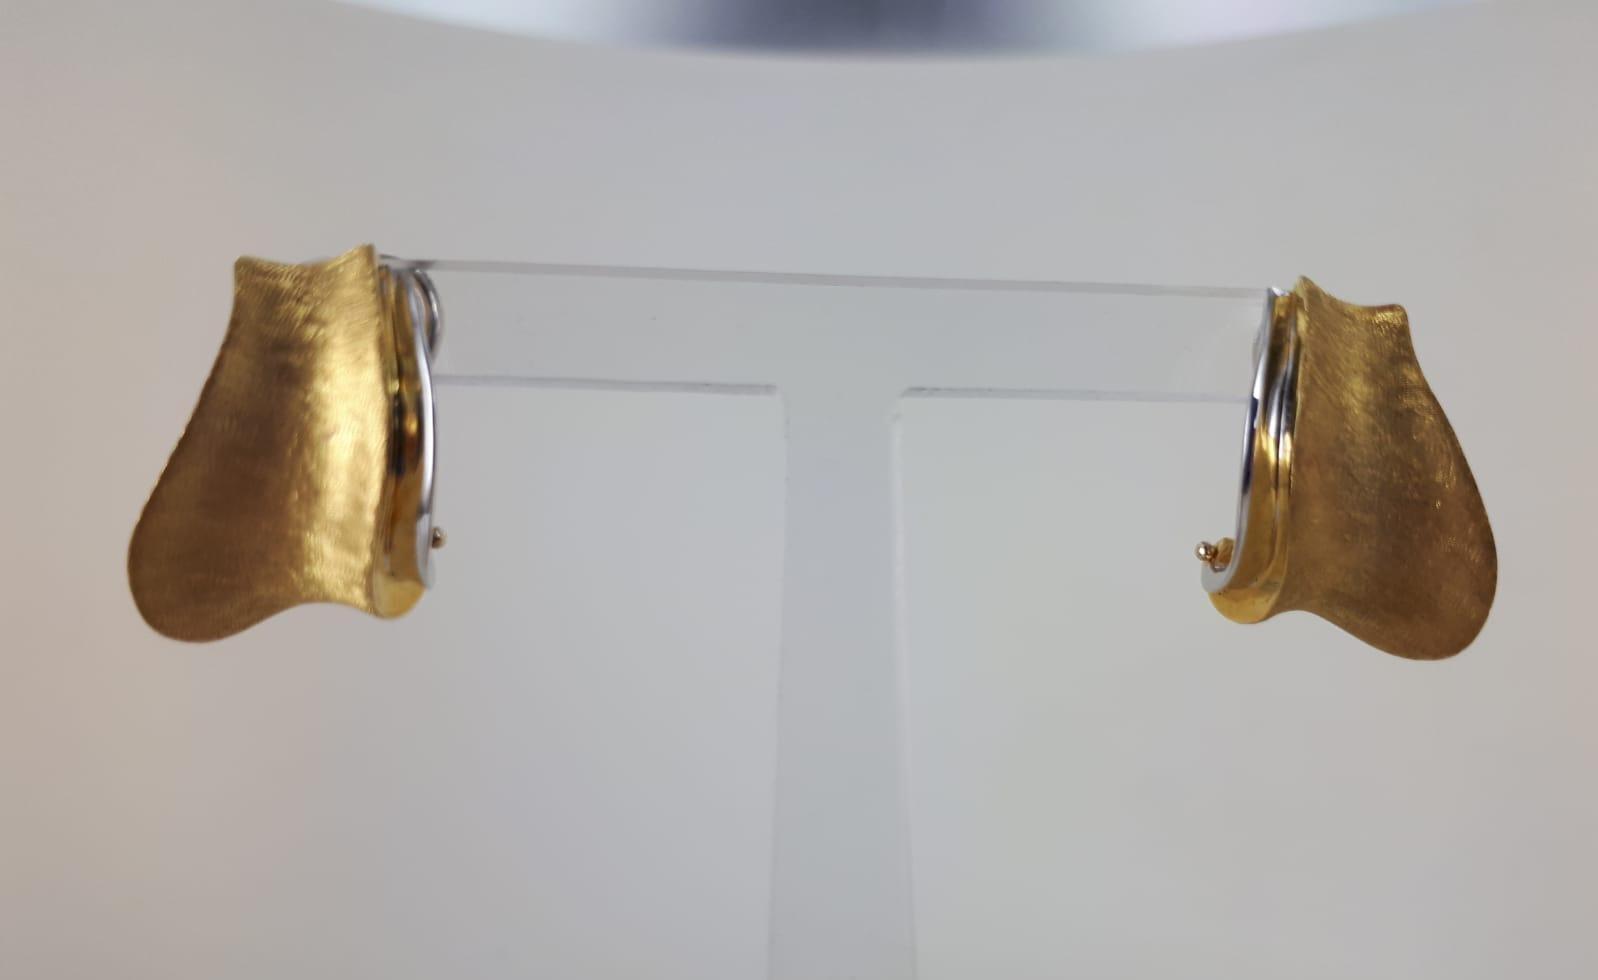 ORECCHINI A LOBO BICOLRE ORO GIALLO E BIANCO 18 KT GRAMMI 9.30 A CLIPS